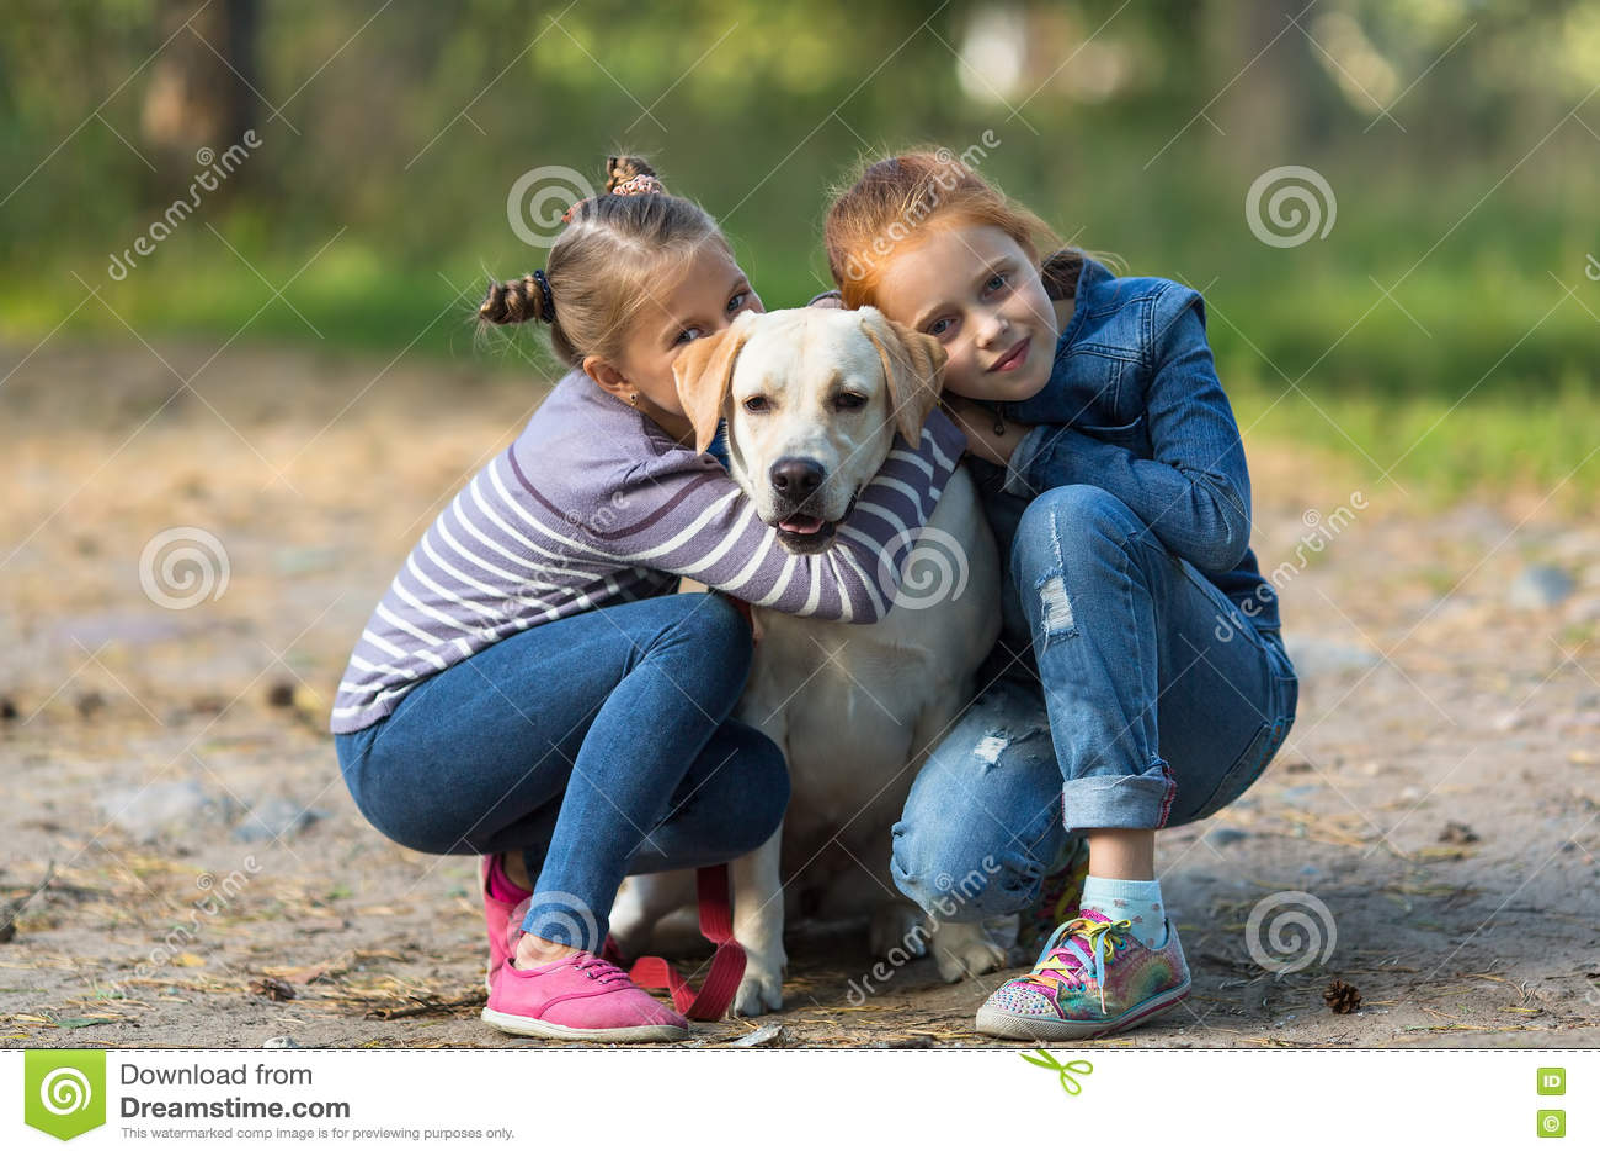 Två små flickor med hunden utomhus lekar